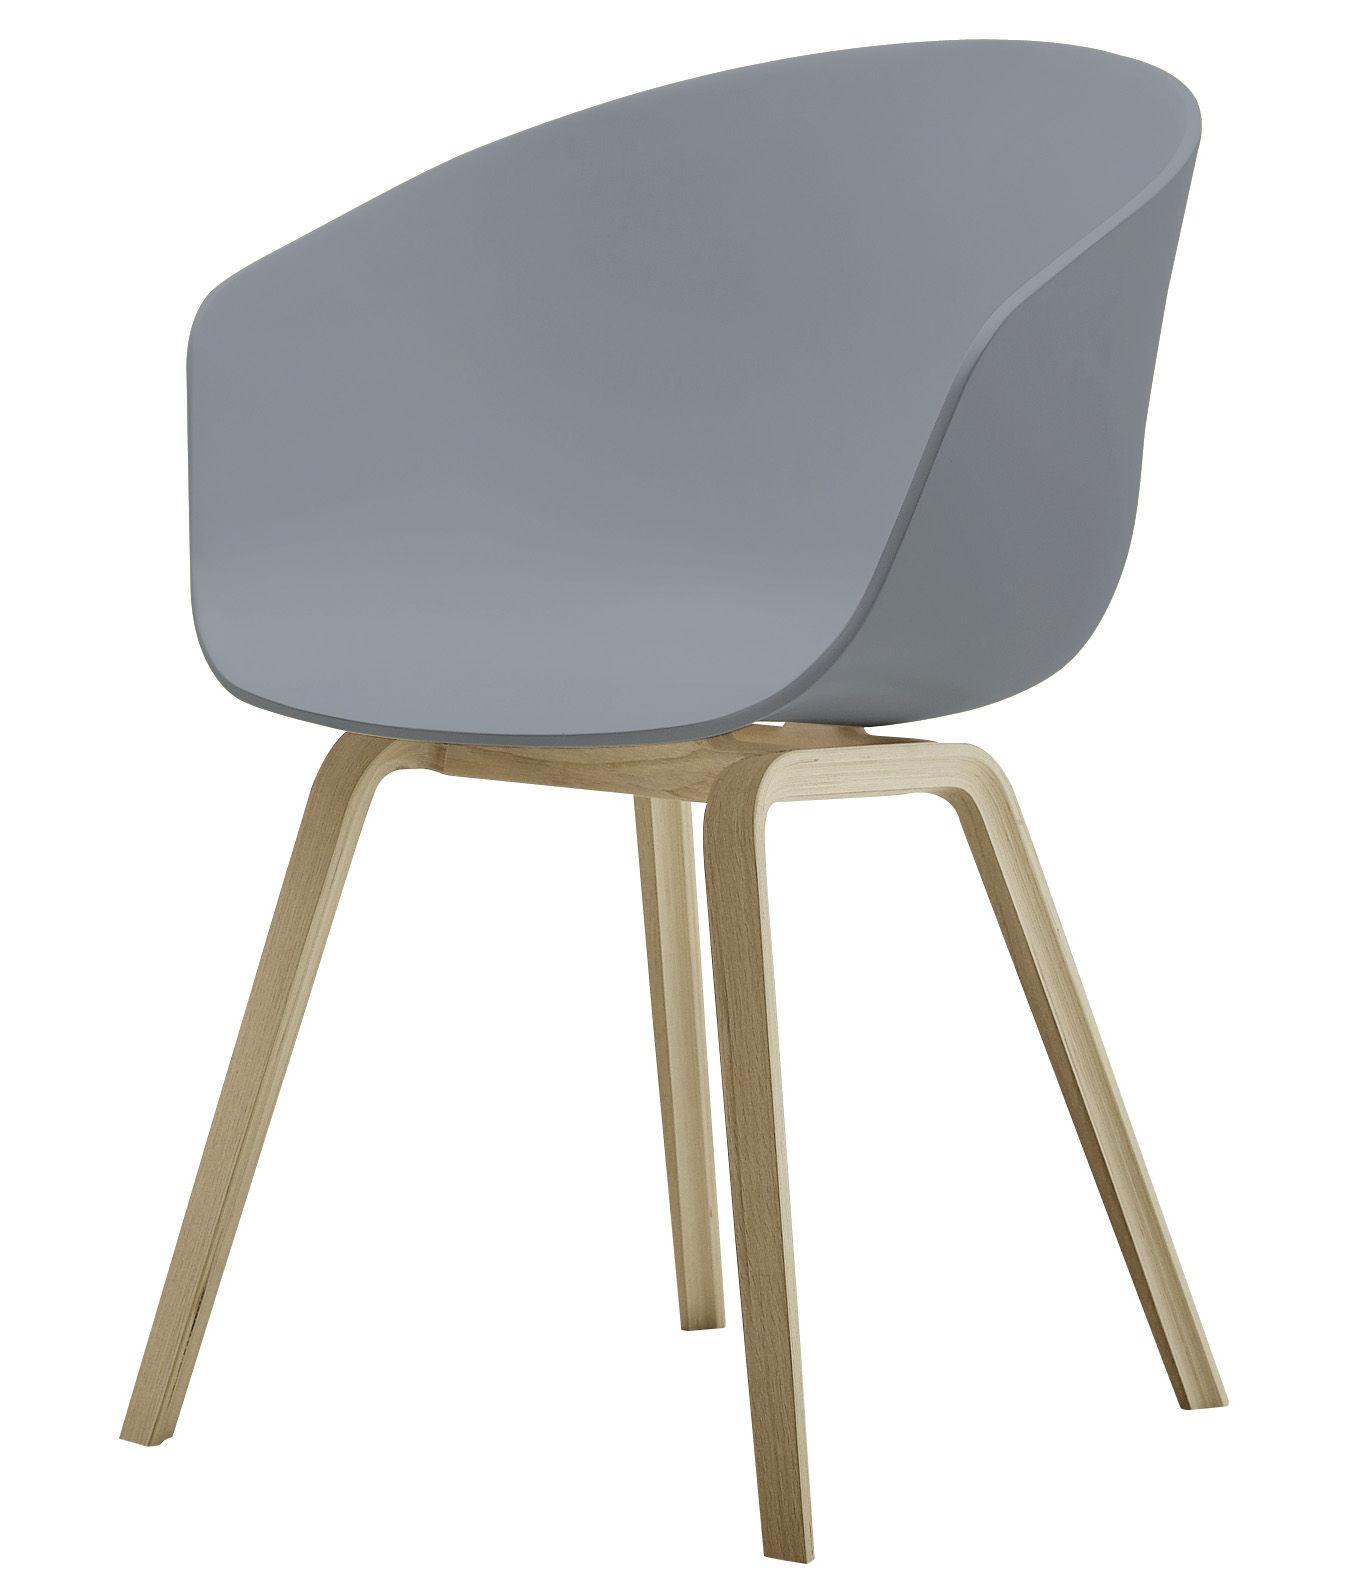 Mobilier - Chaises, fauteuils de salle à manger - Fauteuil About a chair AAC22 / Plastique & pieds bois - Hay - Gris / Pieds bois naturel - Chêne naturel, Polypropylène